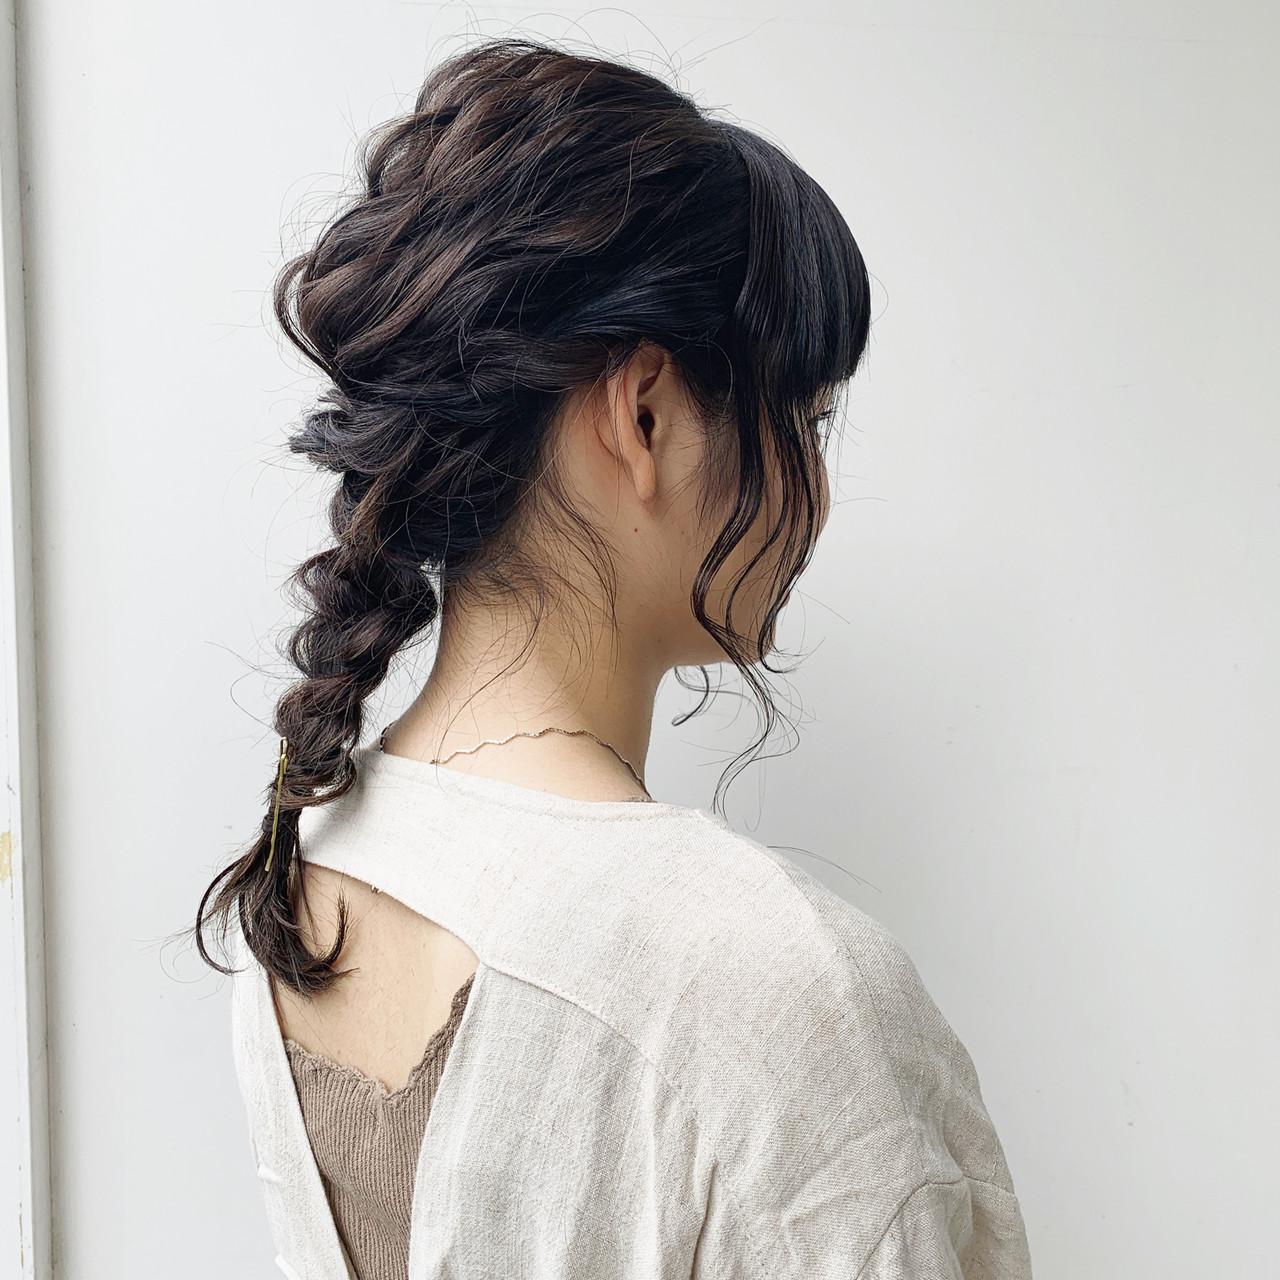 セミロング ガーリー ポニーテールアレンジ セルフヘアアレンジ ヘアスタイルや髪型の写真・画像 | 柴田泰志 / magnethairTrust